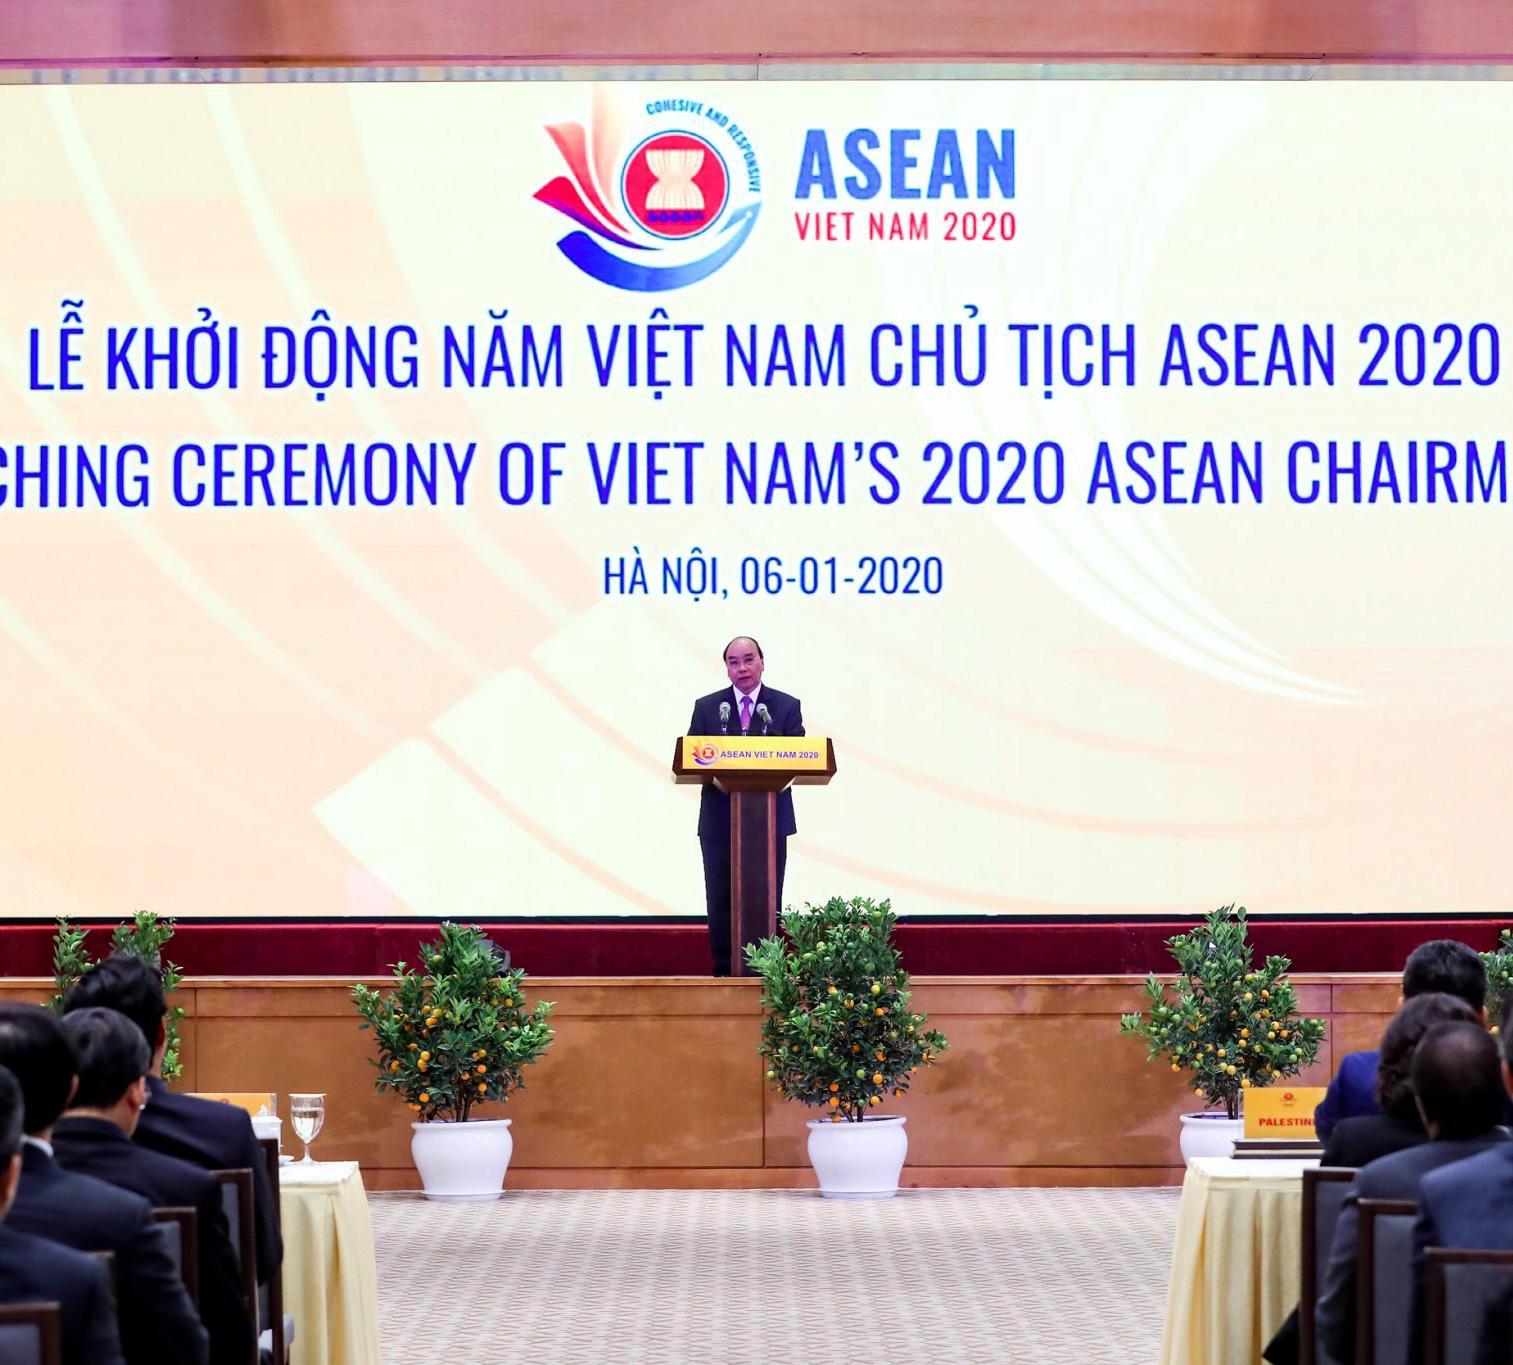 Lễ Khởi động Năm Chủ tịch ASEAN 2020 - Ảnh 2.